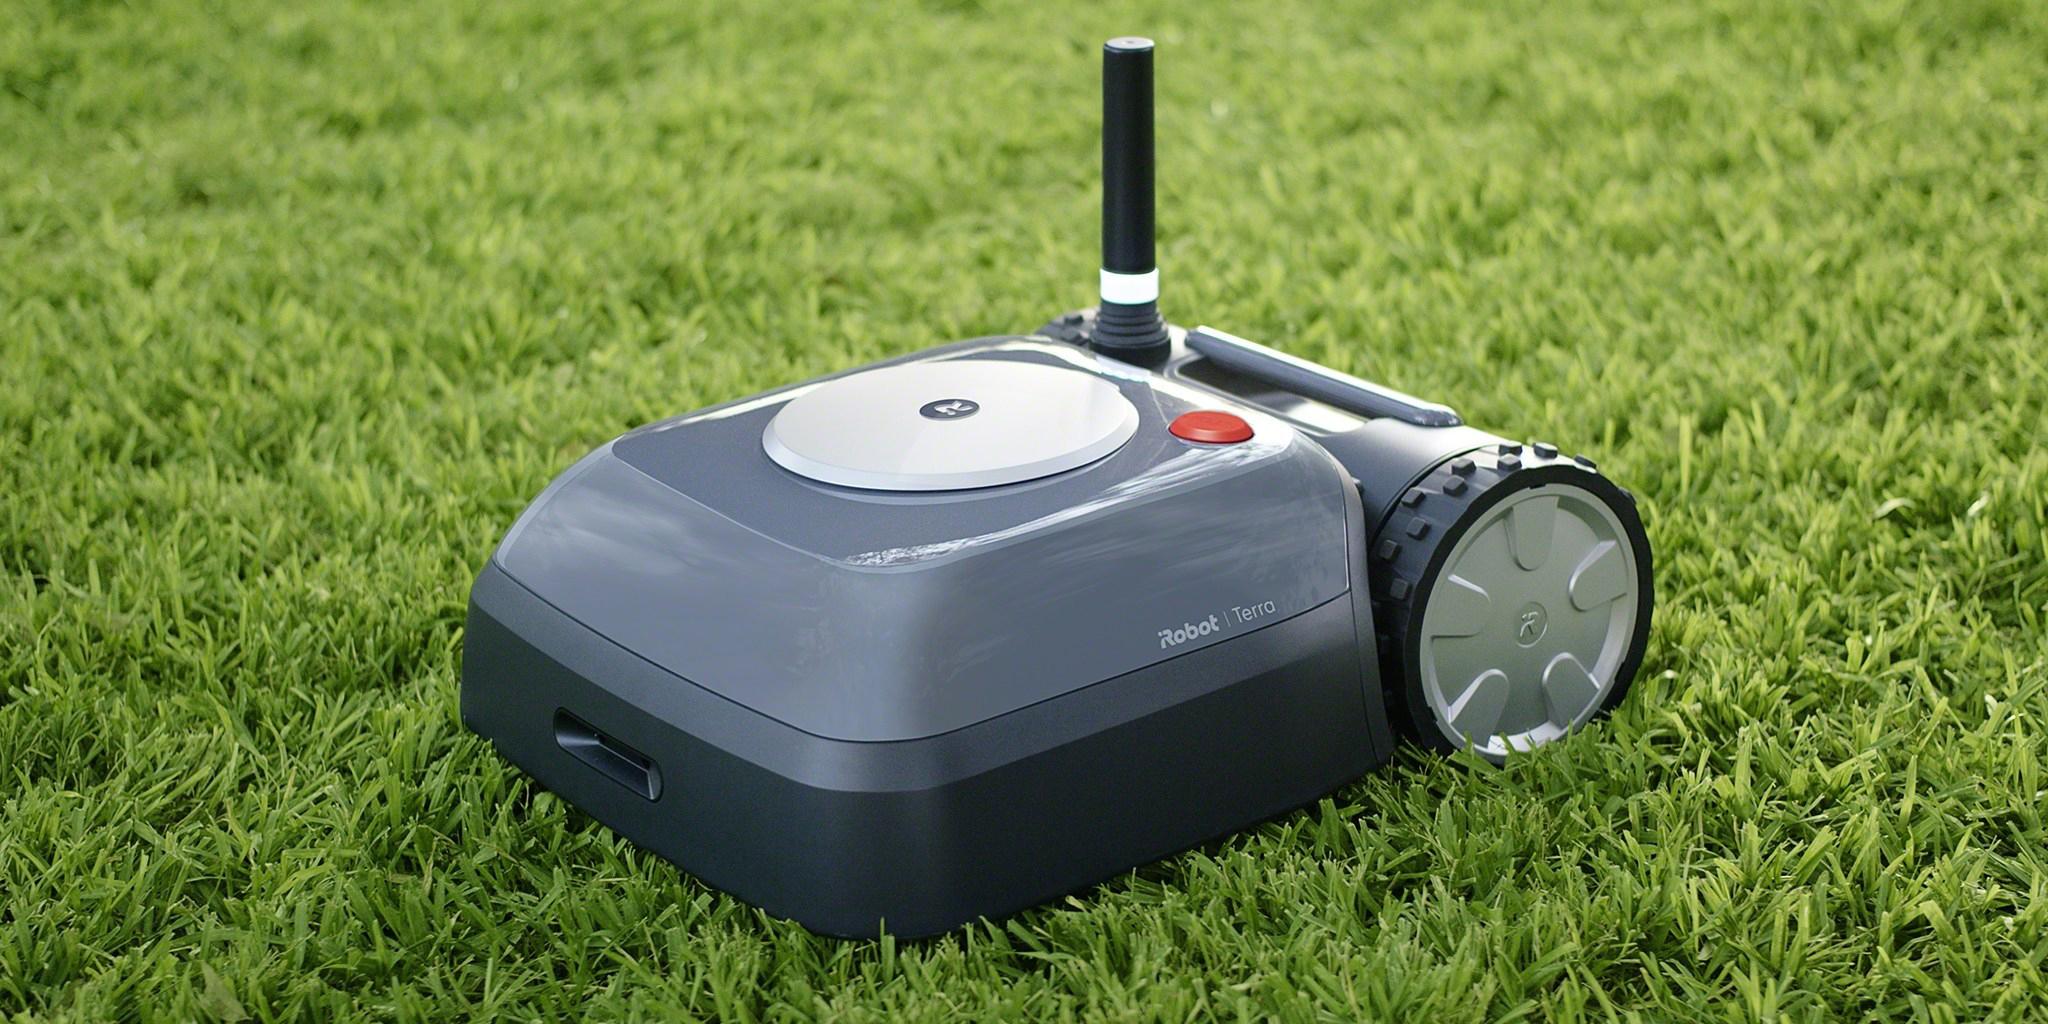 iRobot Terra arrives as the brand's first robotic lawn mower